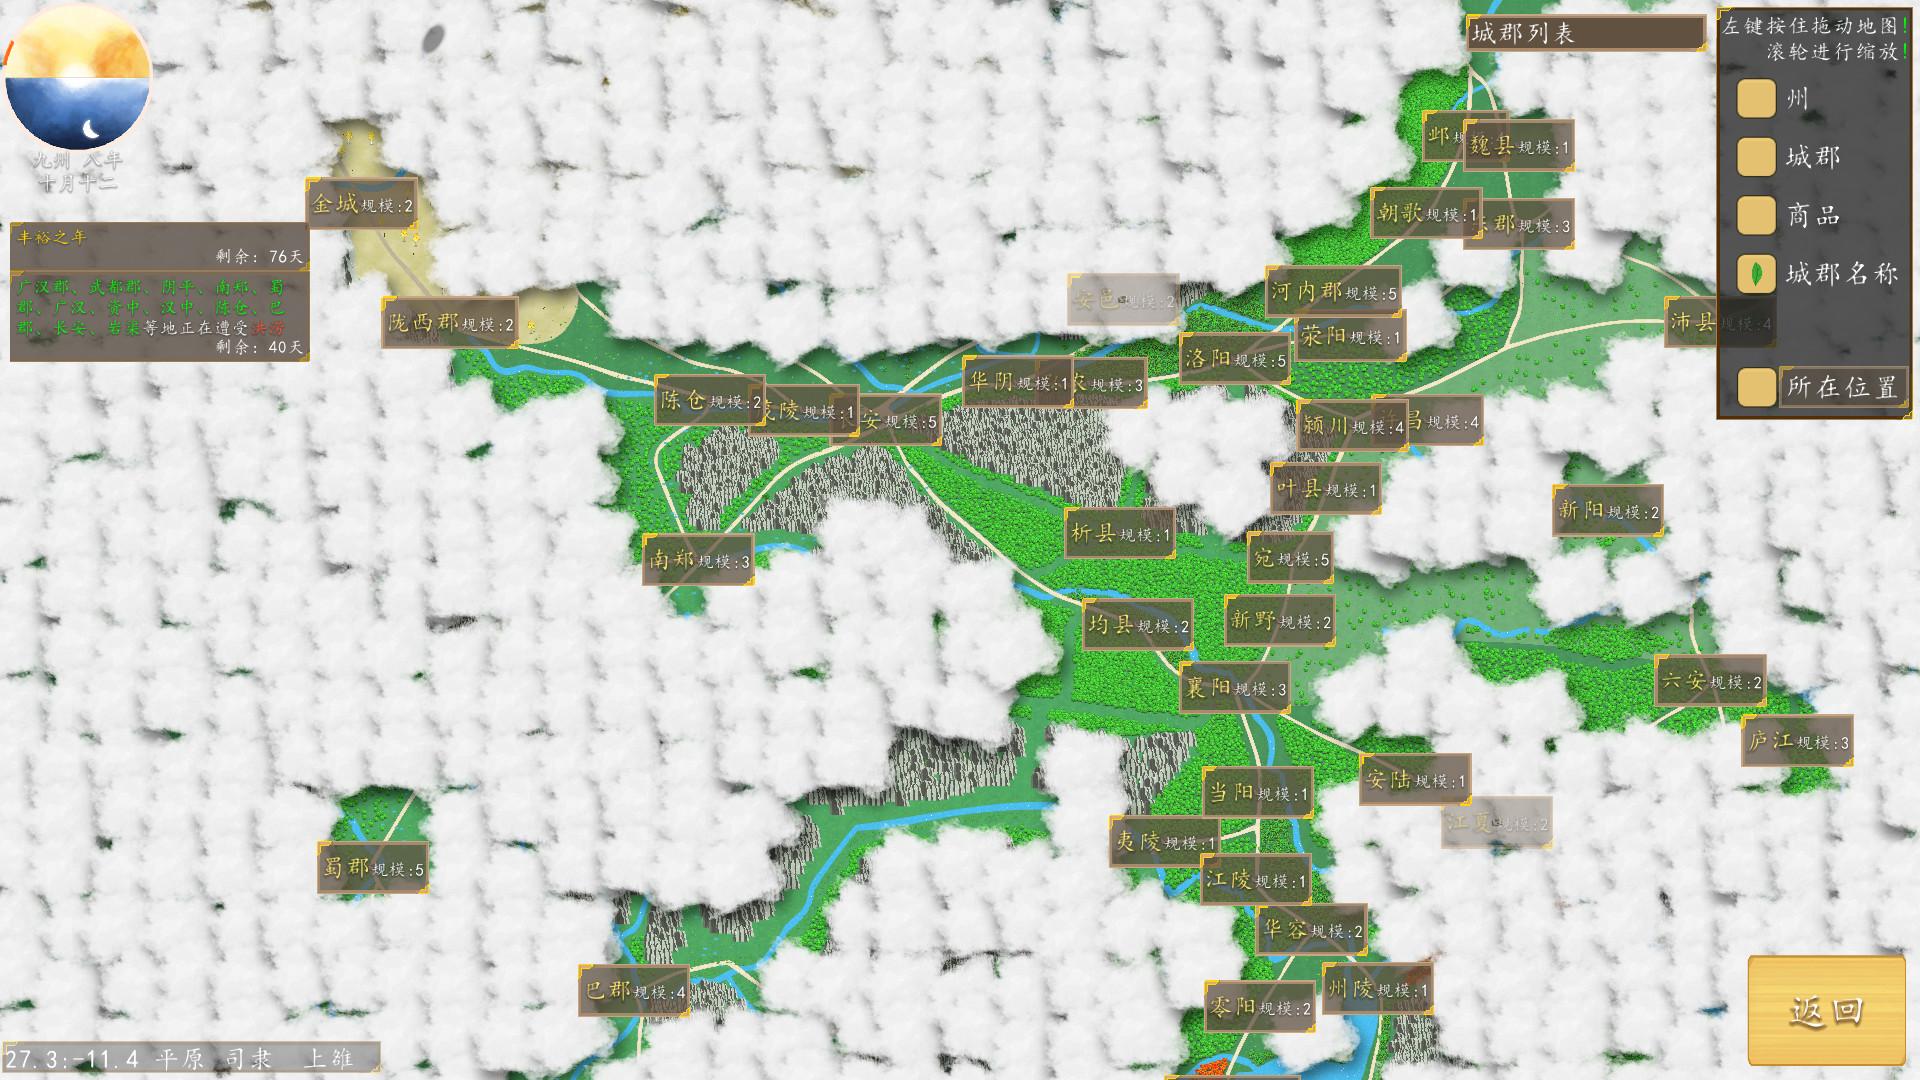 九州:商旅-正式版-v1.1.62 官中插图1